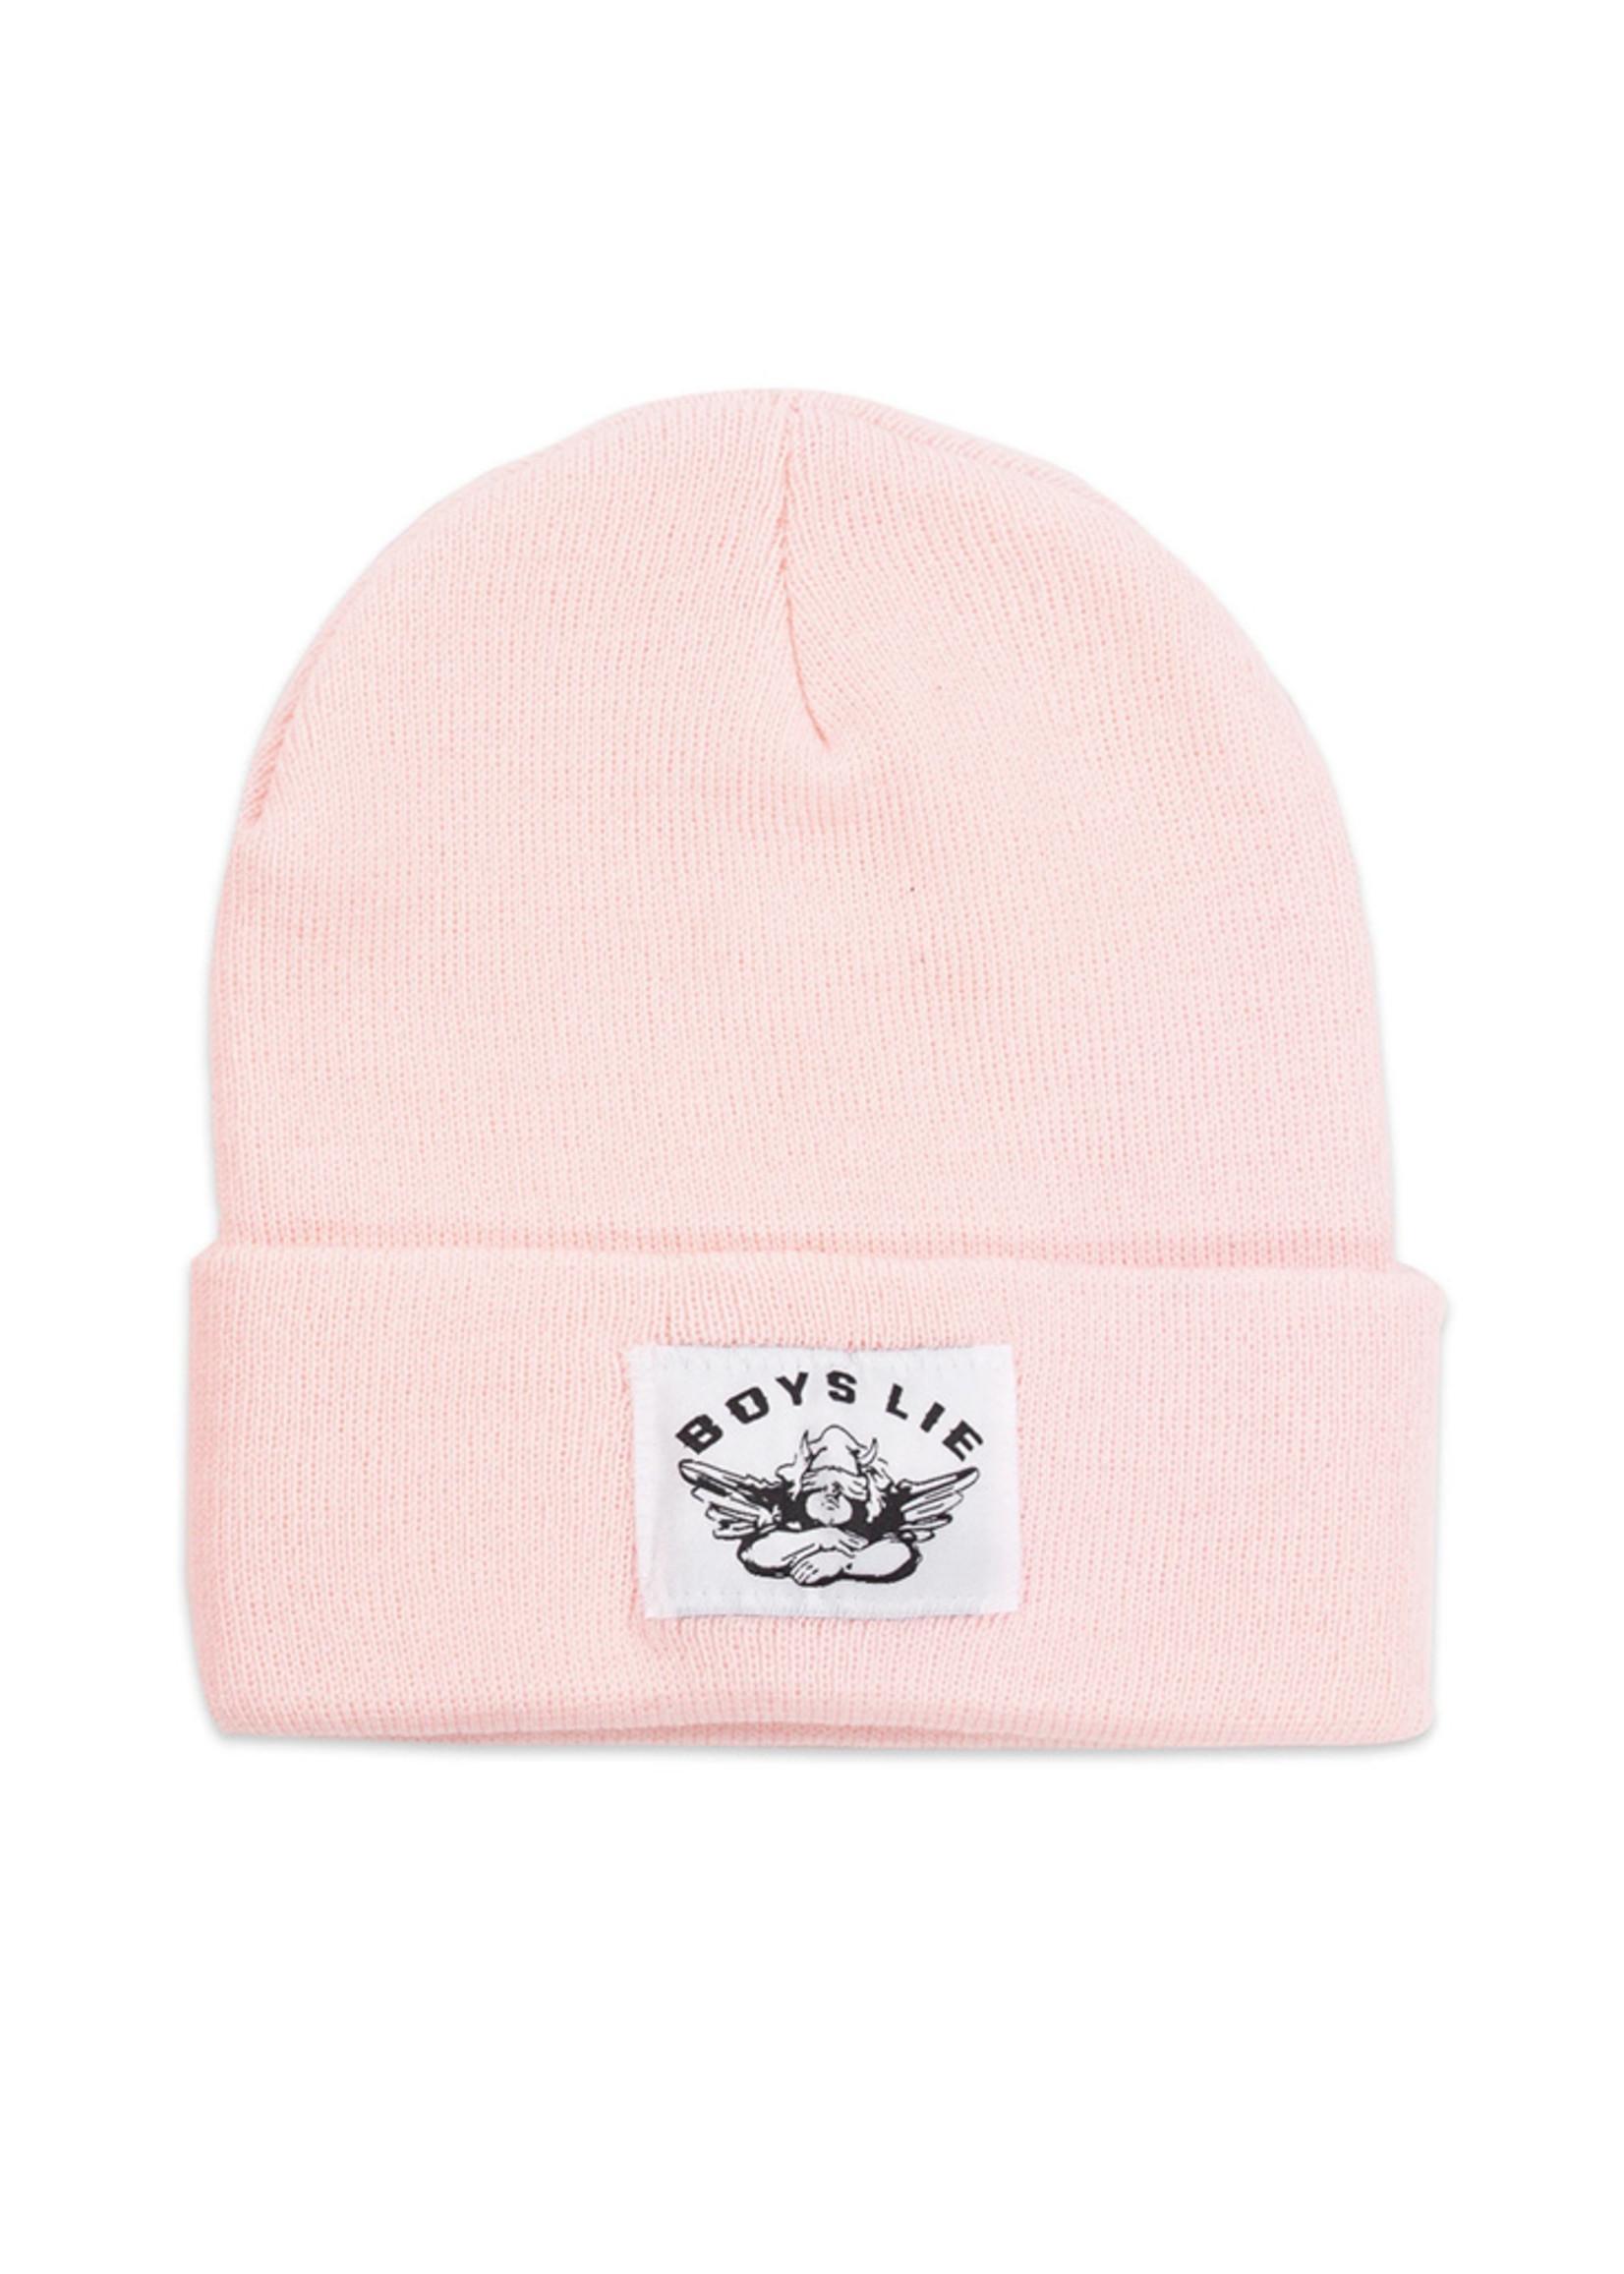 BOYS LIE BOYS LIE / Boys Lie Beanie Baby Pink